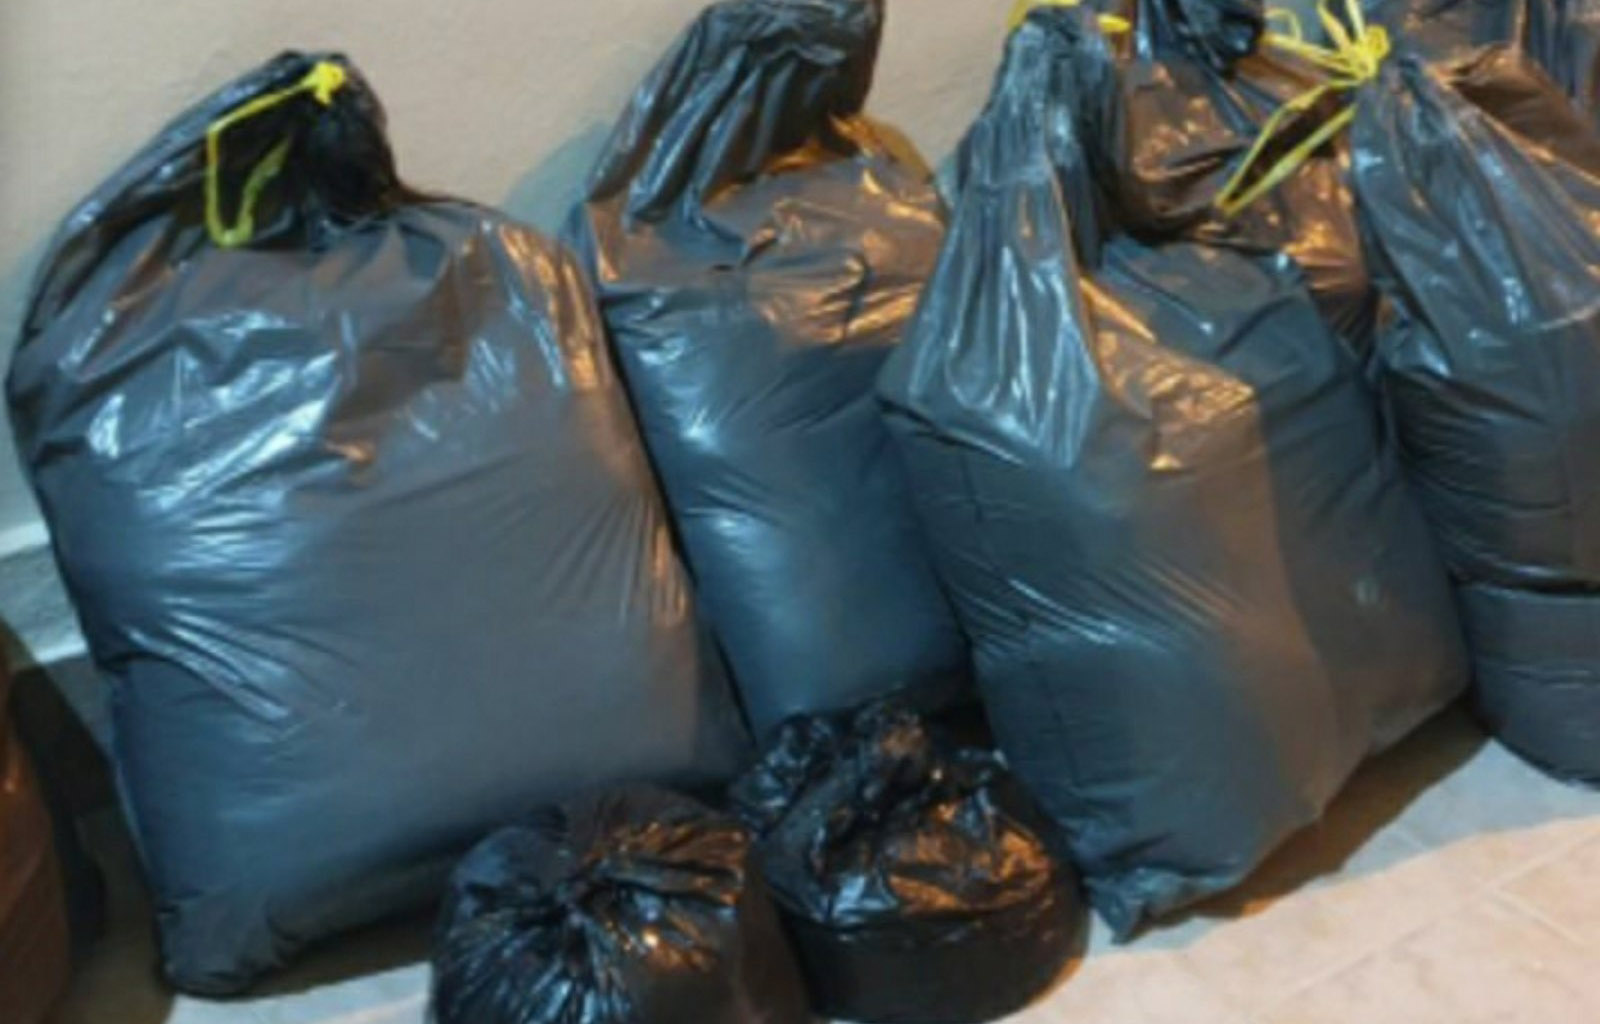 Policija pronašla 187 kilograma rezanog duvana bez prateće dokumentacije 51425